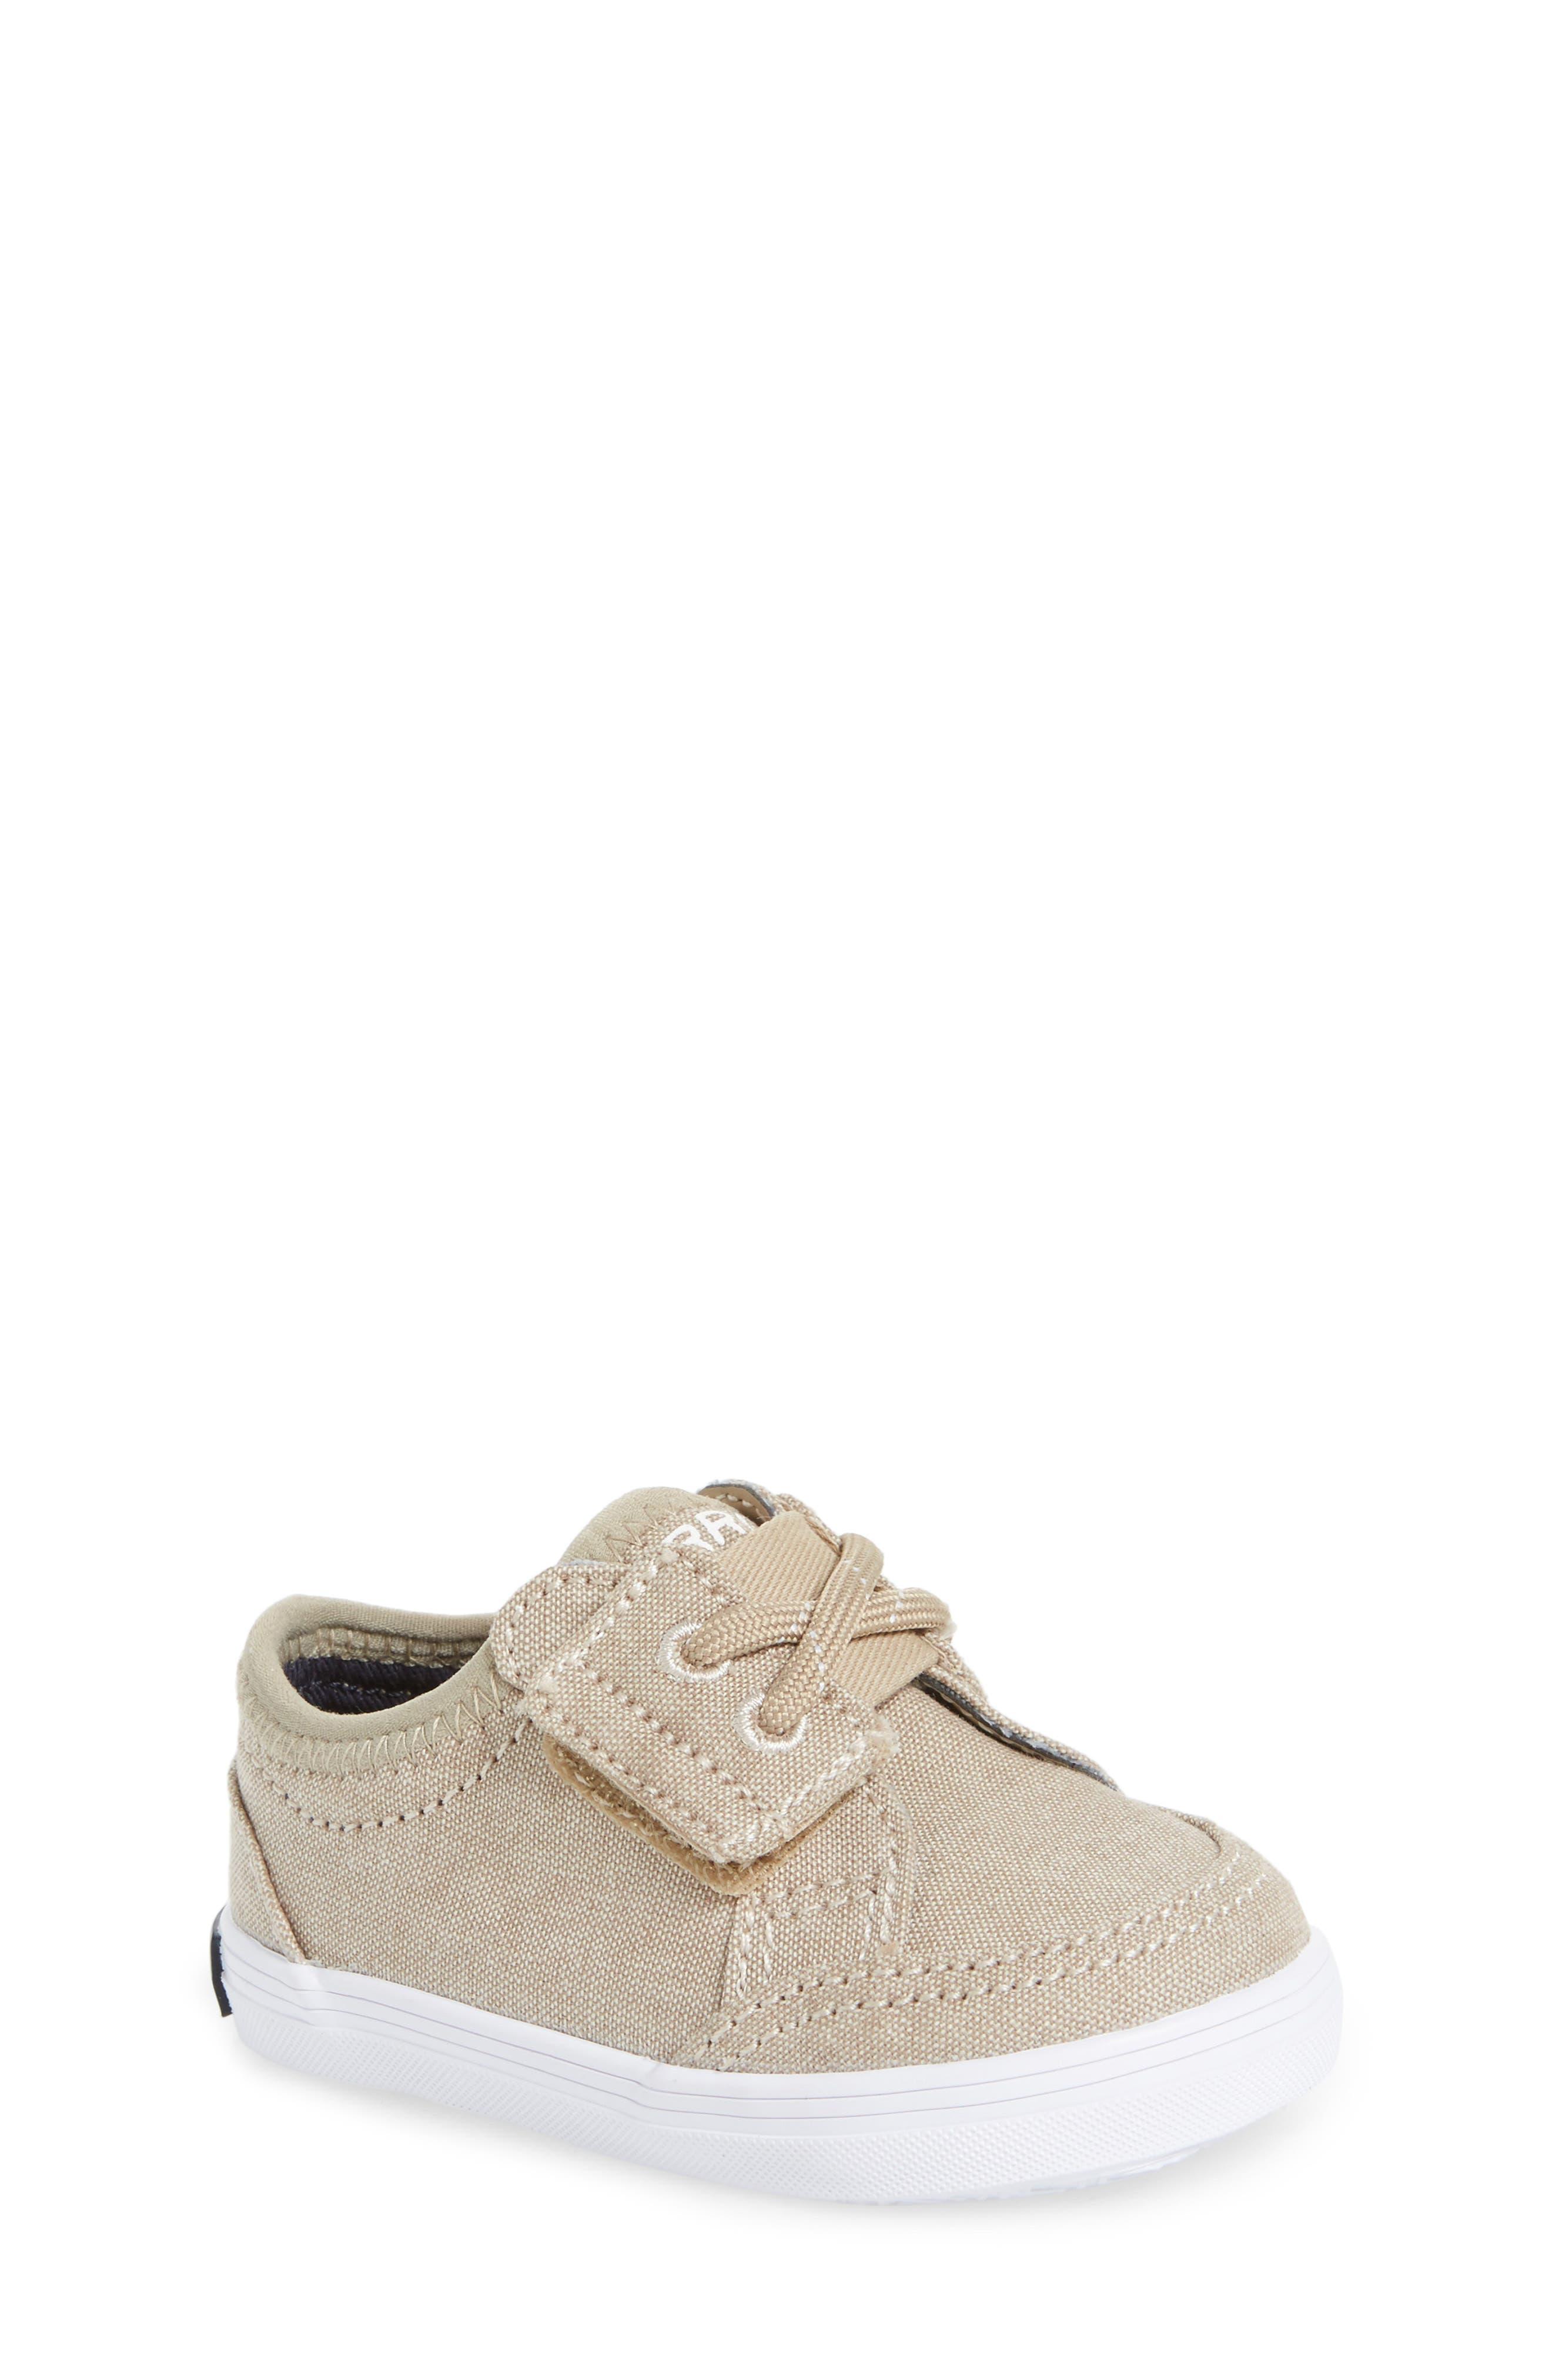 Deckfin Crib Jr. Sneaker,                         Main,                         color, 200